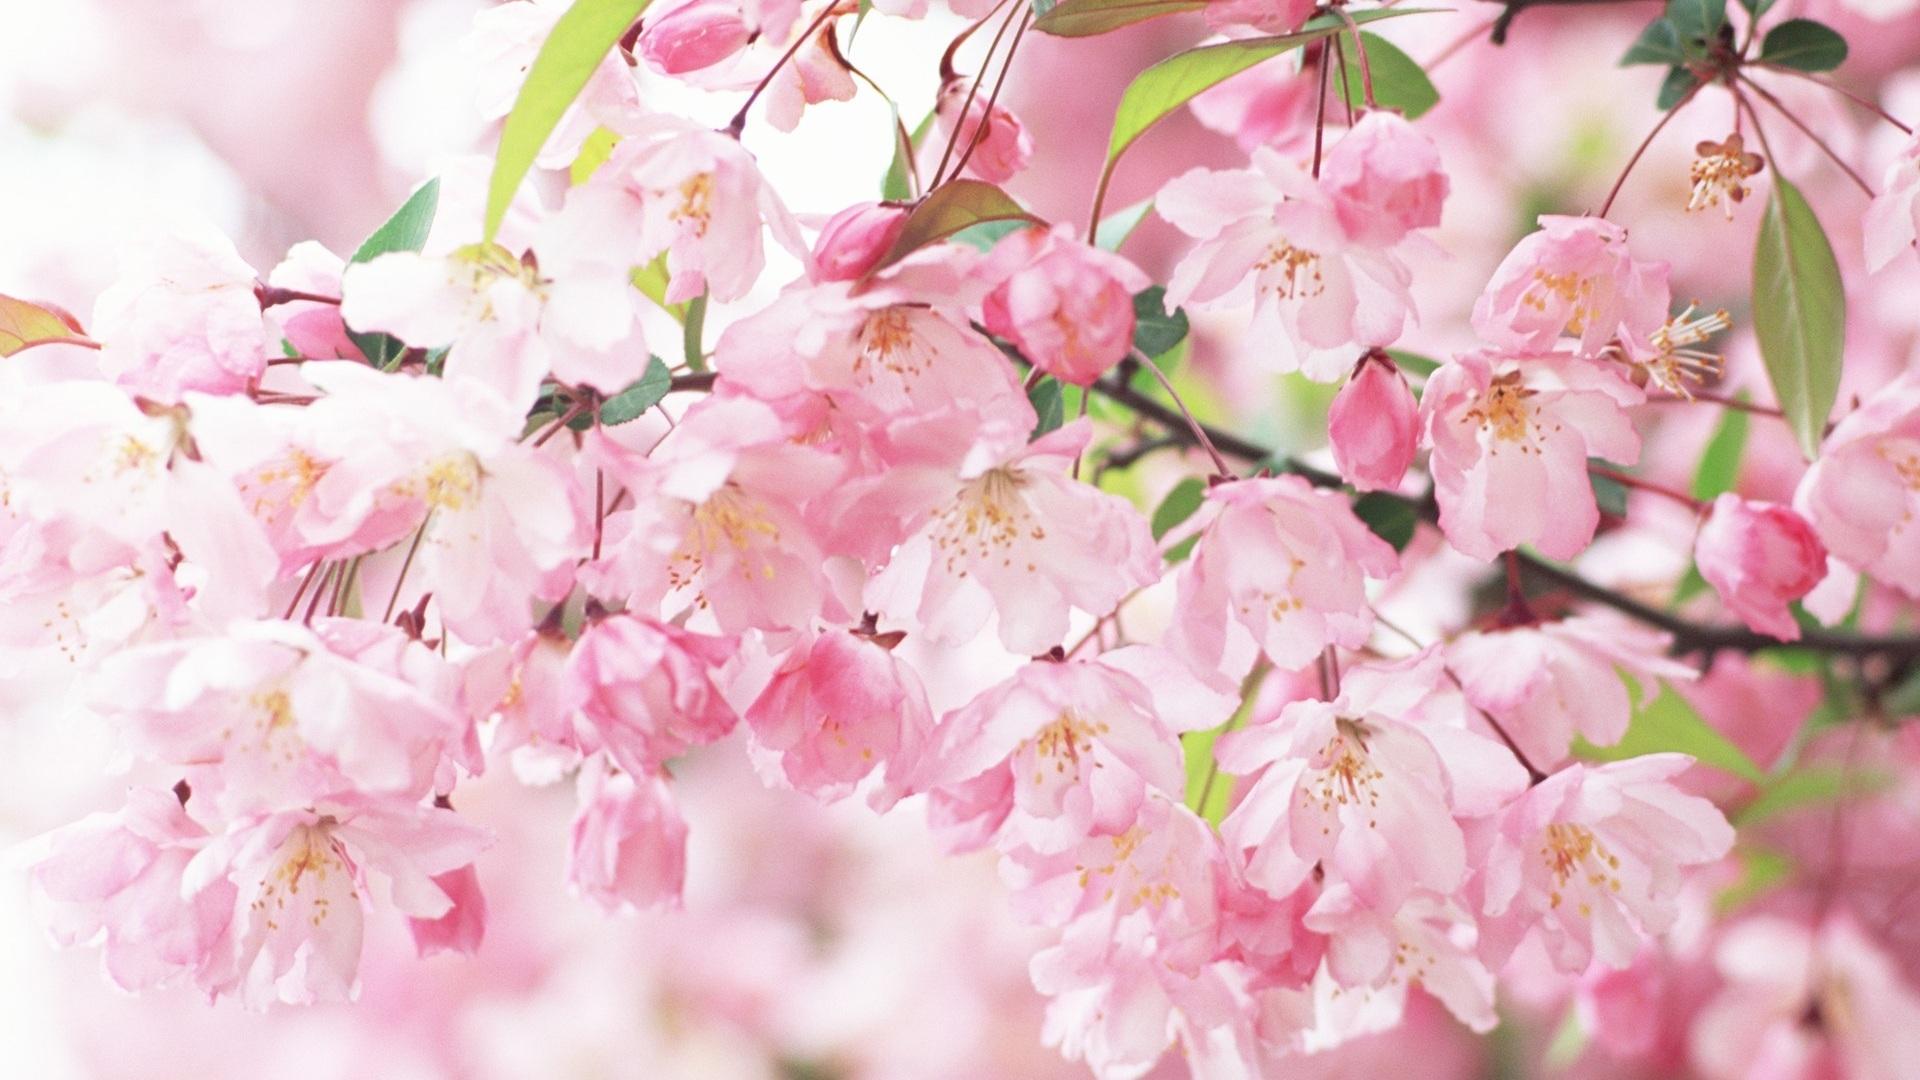 壁紙 桜の花びらピンク春 1920x1200 Hd 無料のデスクトップの背景 画像